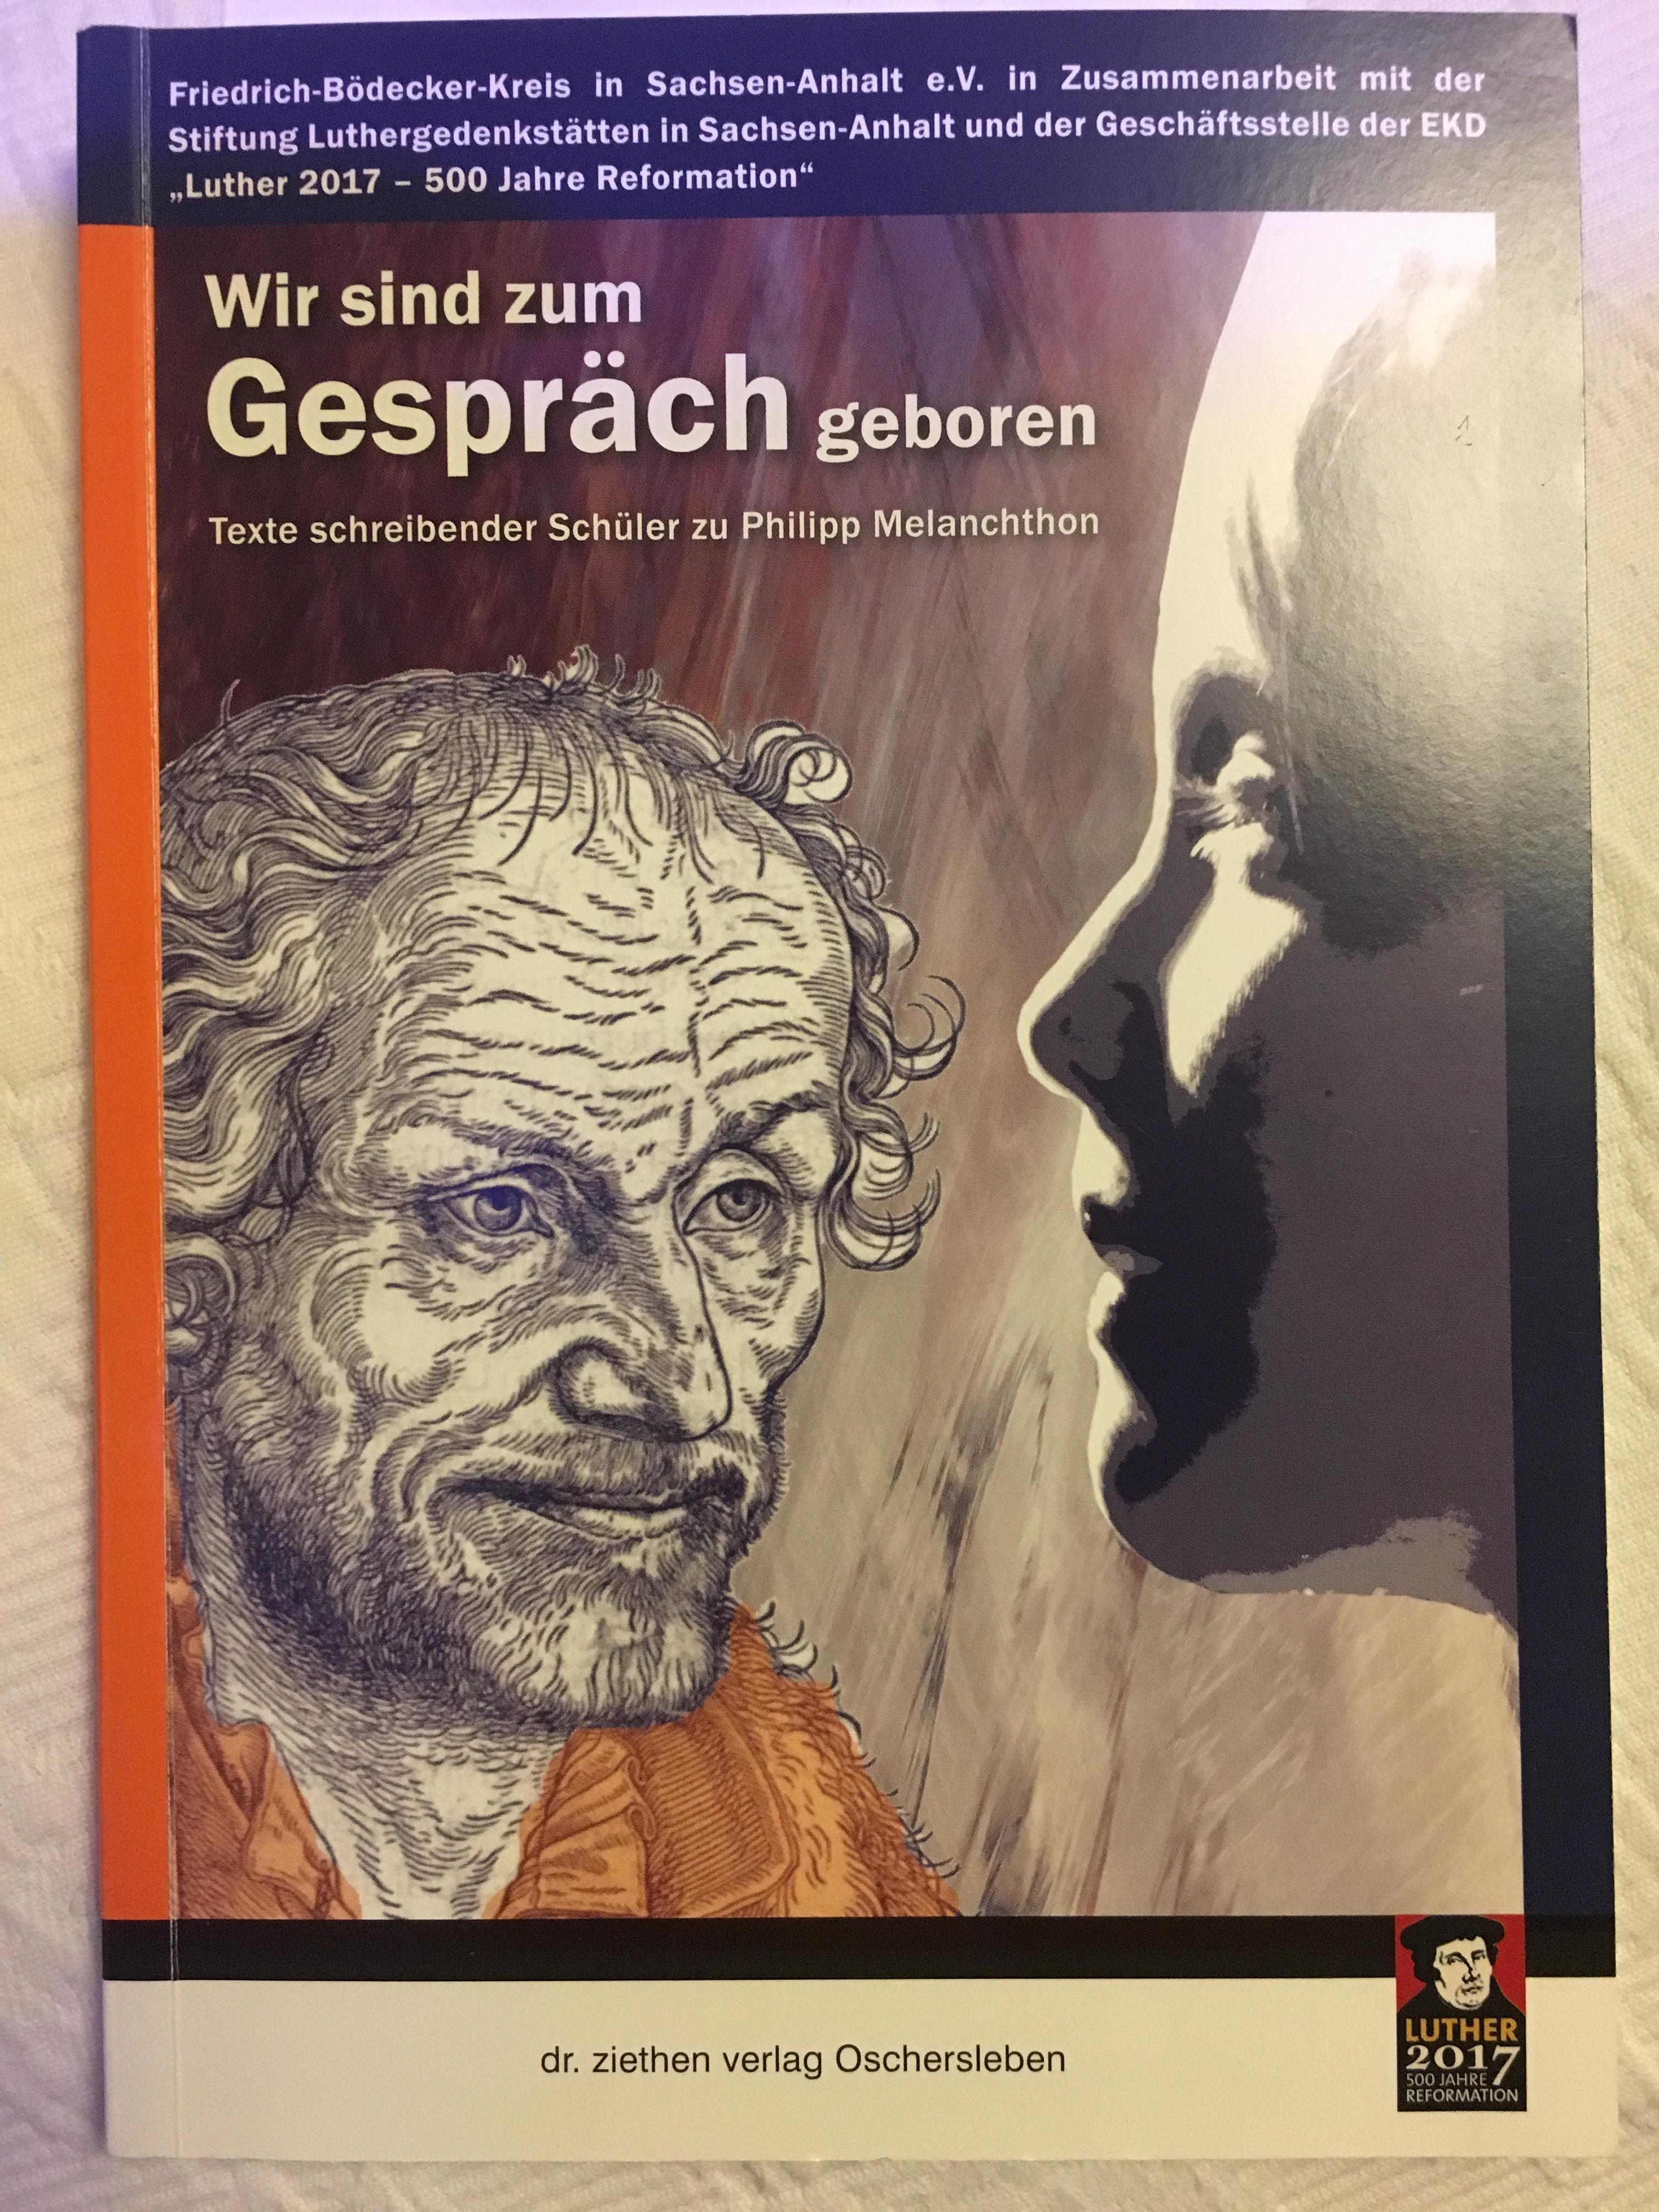 Wir sind zum Gespräch geboren. Texte schreibender Schüler zu Philipp Melanchthon. Buchcover